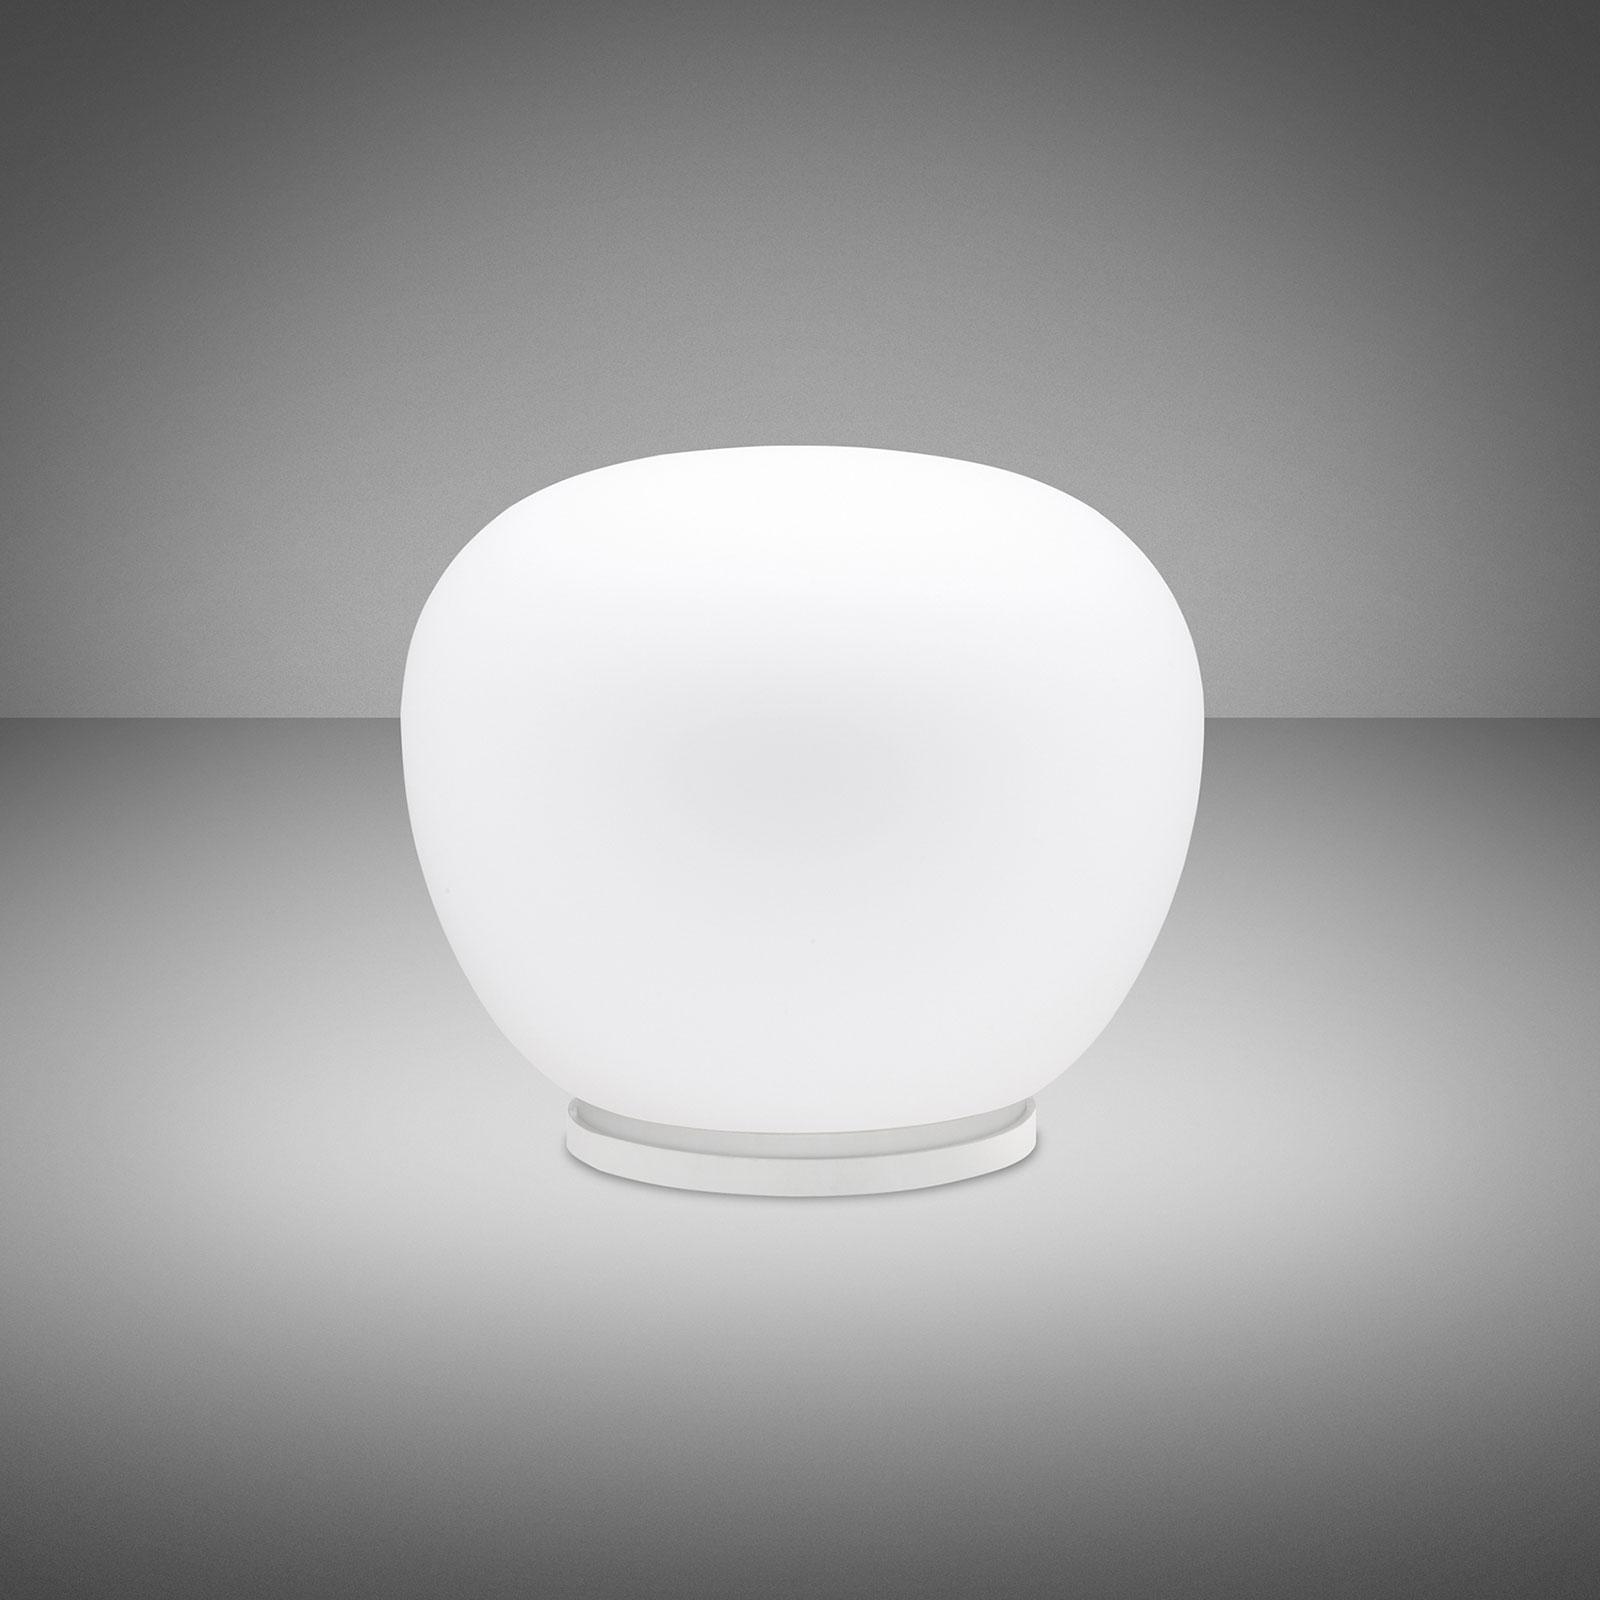 Fabbian Lumi Mochi stolní lampa, bez nohy, Ø 30 cm